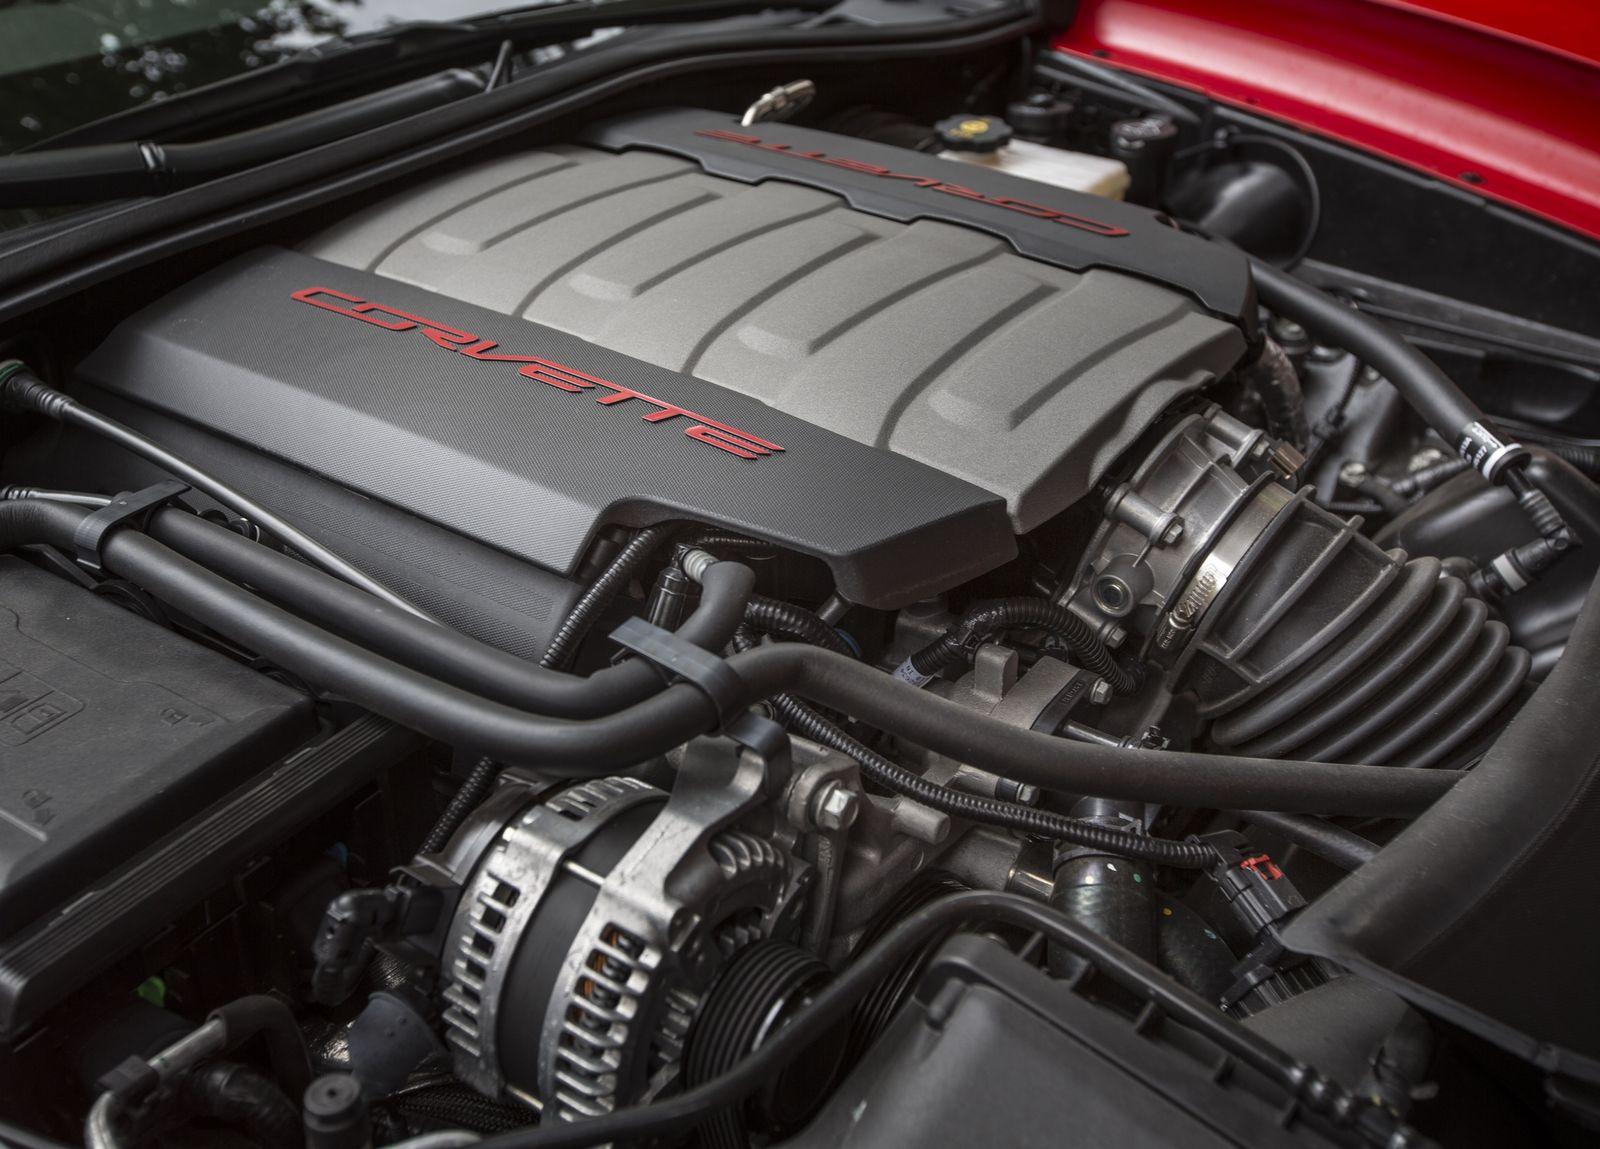 SPERRFRIST 2014 Chevrolet Corvette Stingray